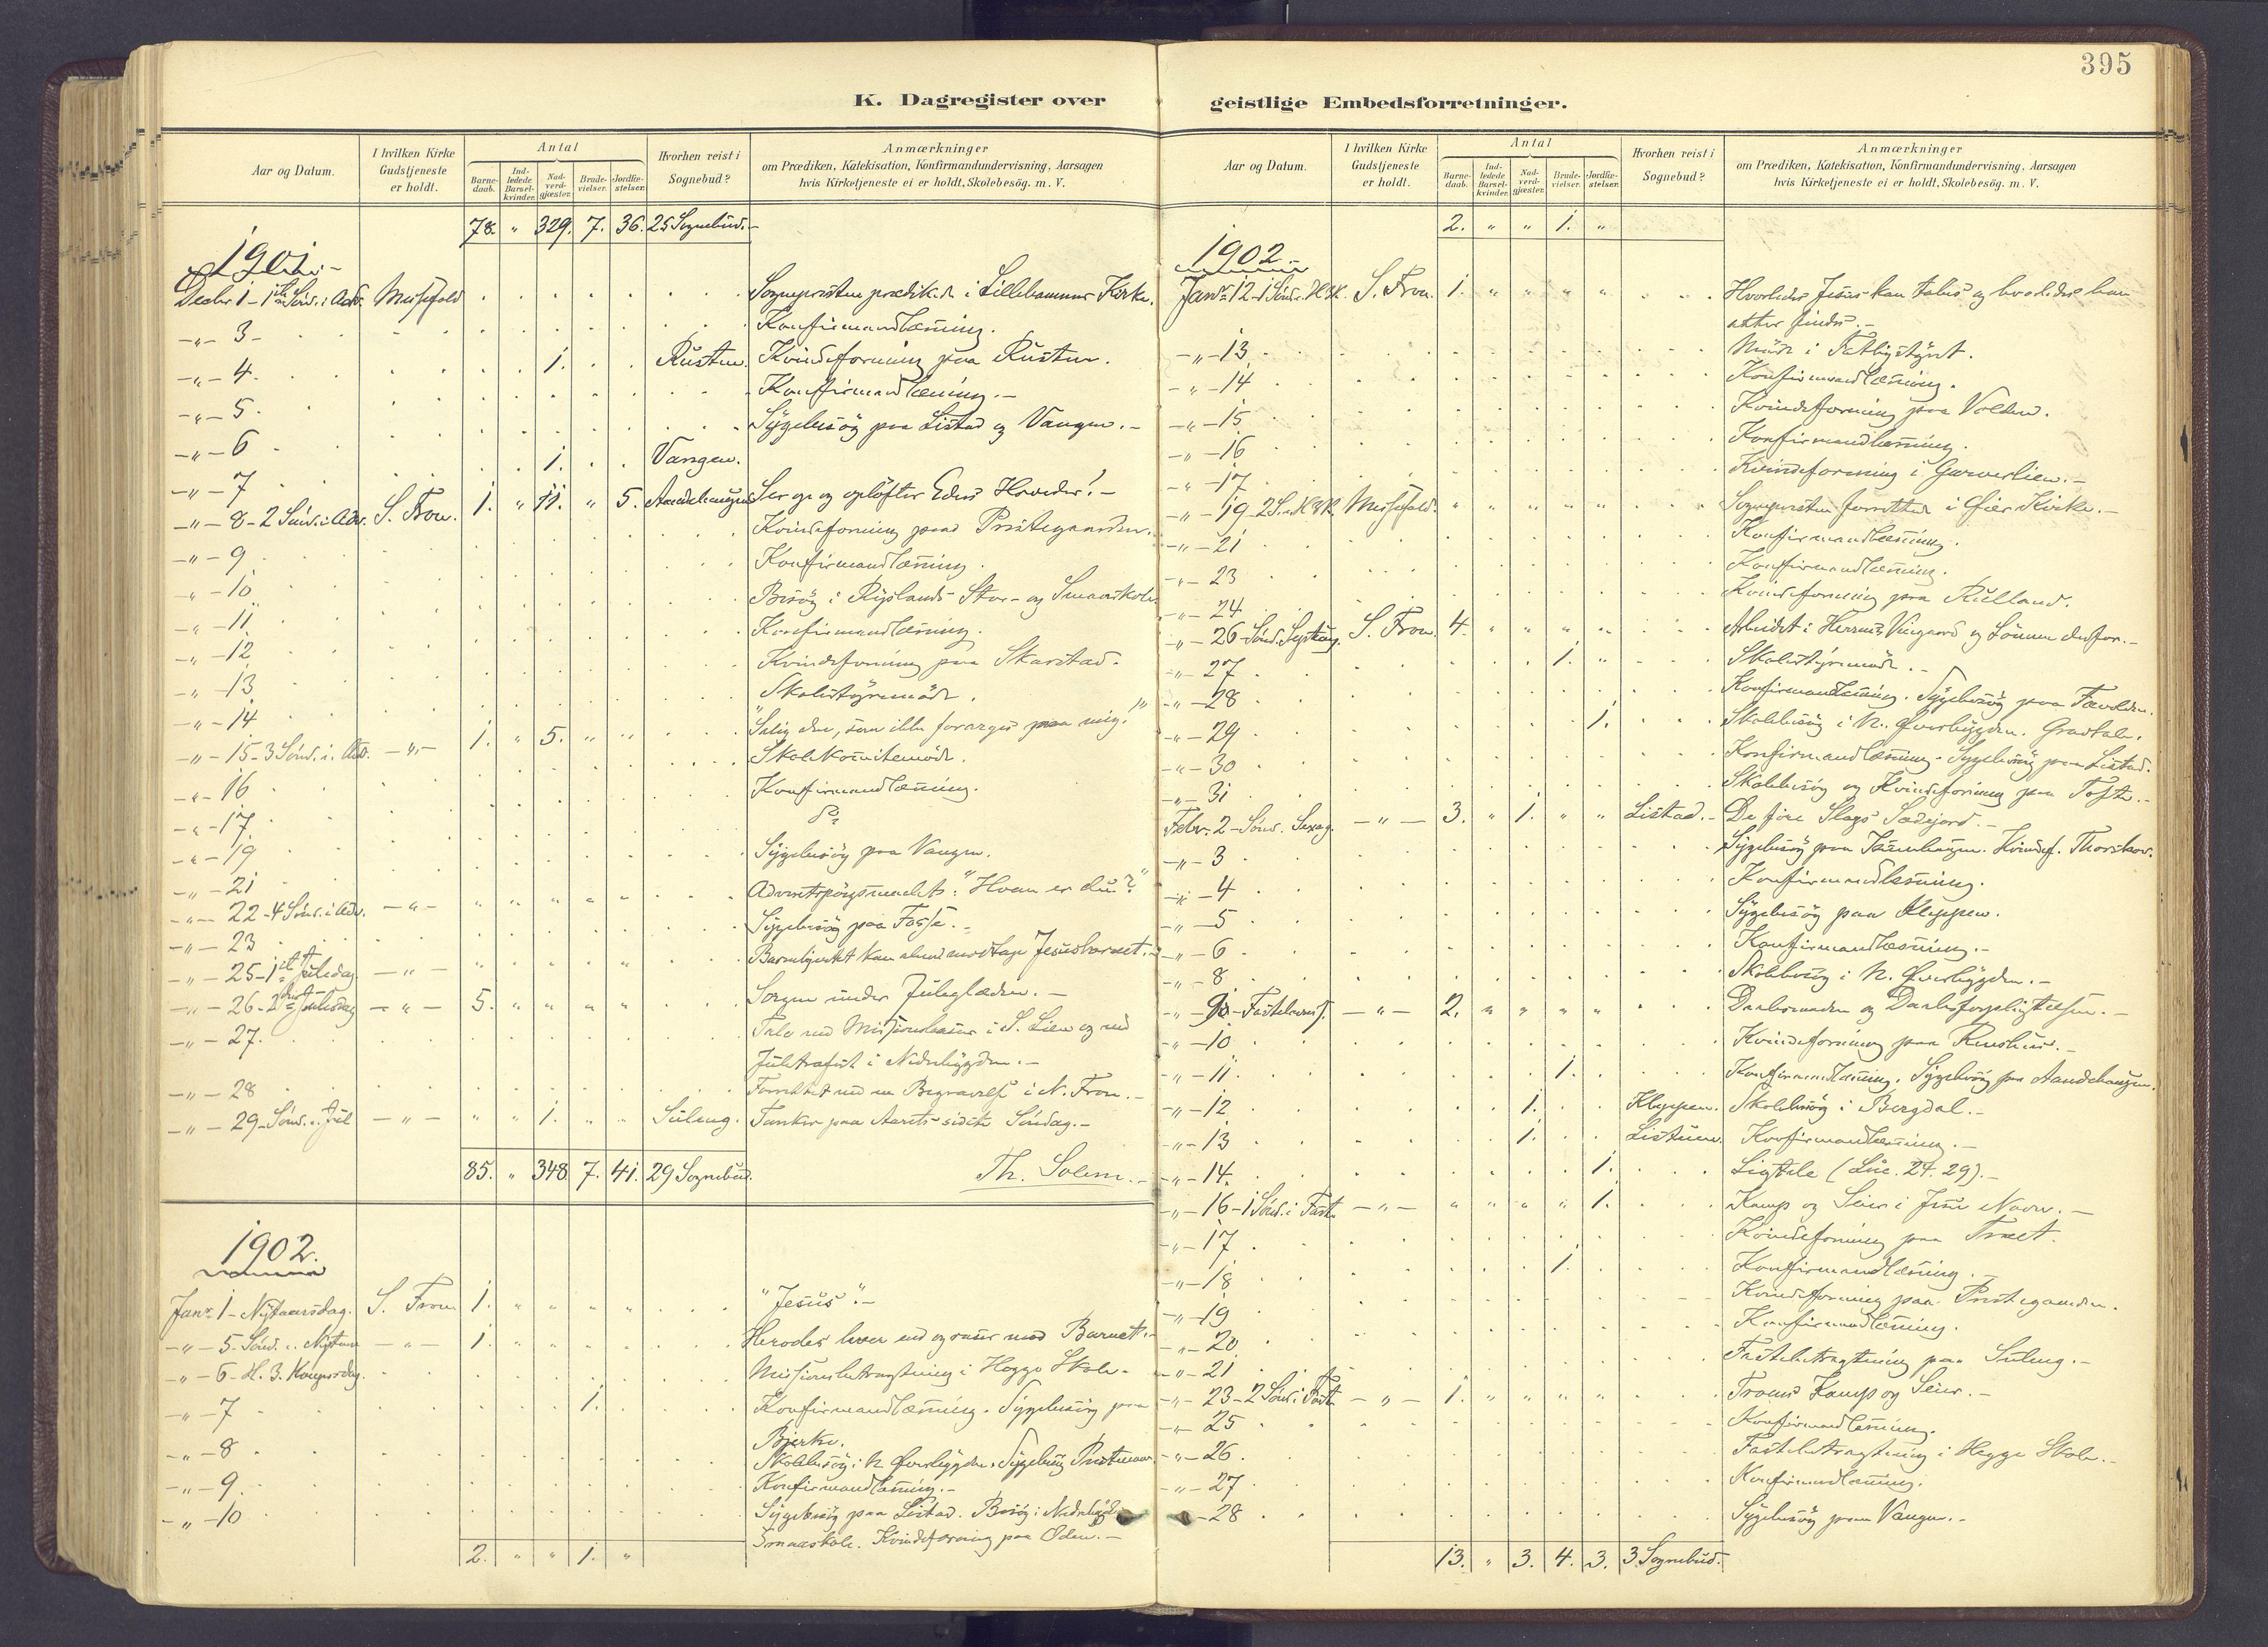 SAH, Sør-Fron prestekontor, H/Ha/Haa/L0004: Ministerialbok nr. 4, 1898-1919, s. 395